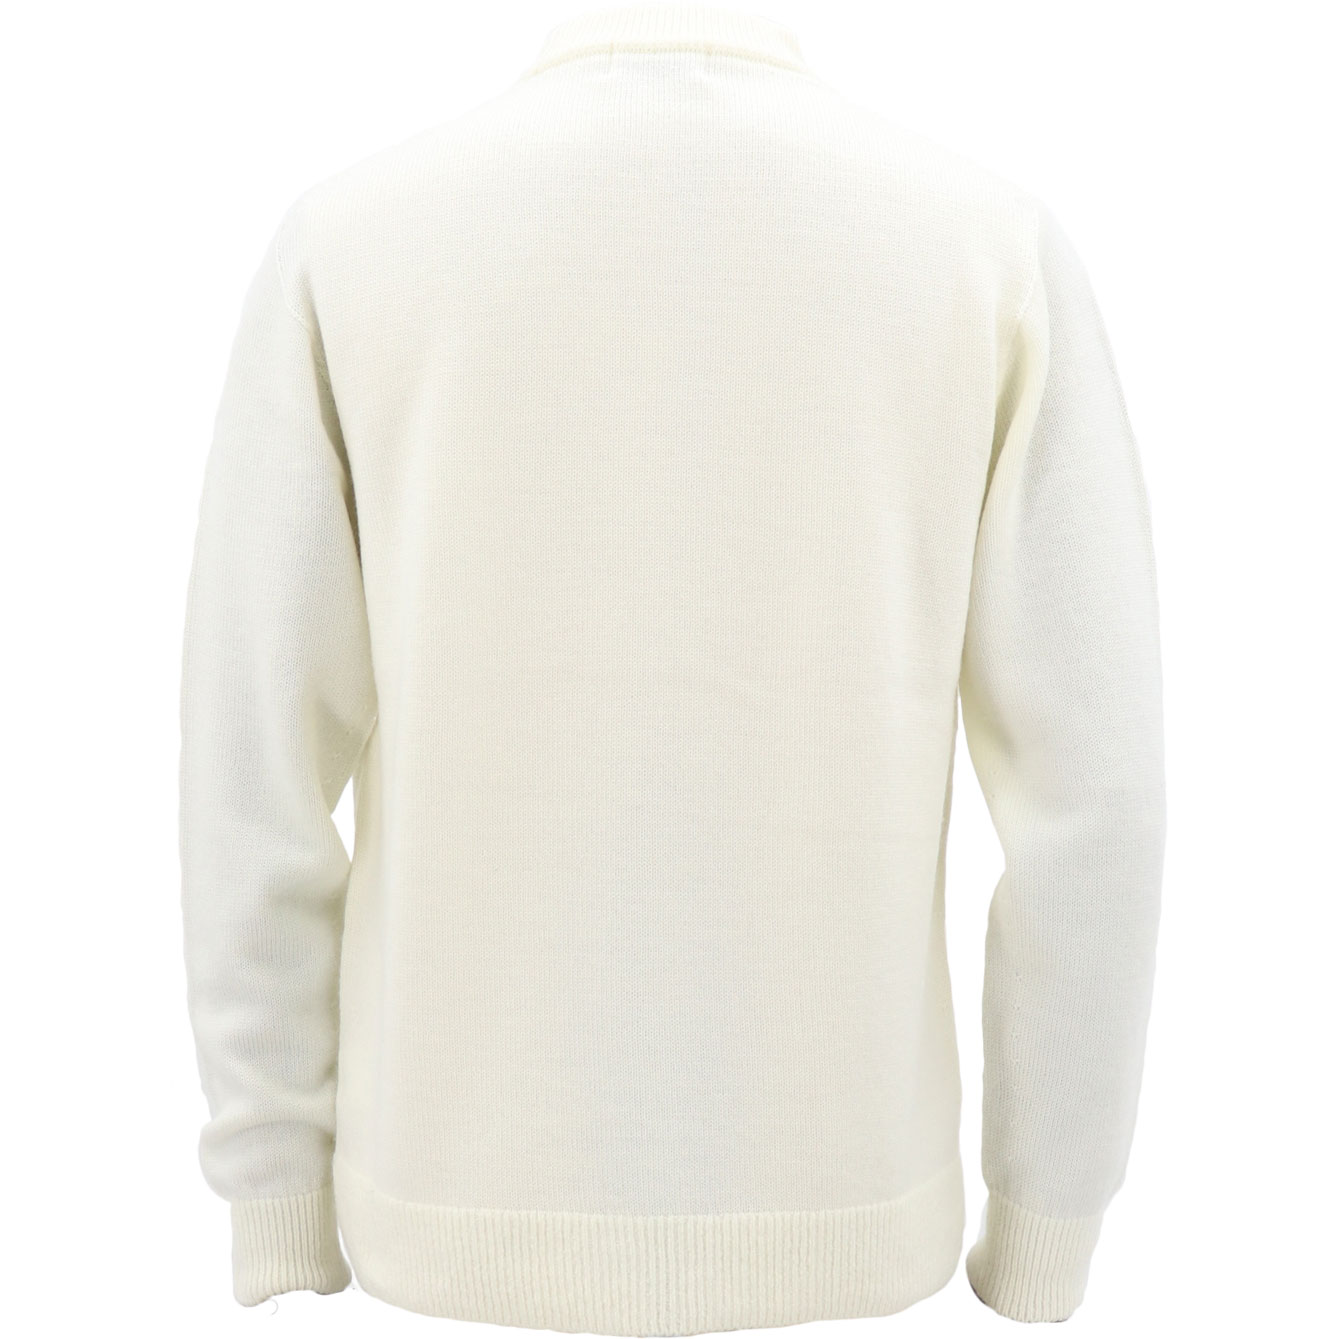 7G モックネックセーター SL190004 WHITE (ホワイト)